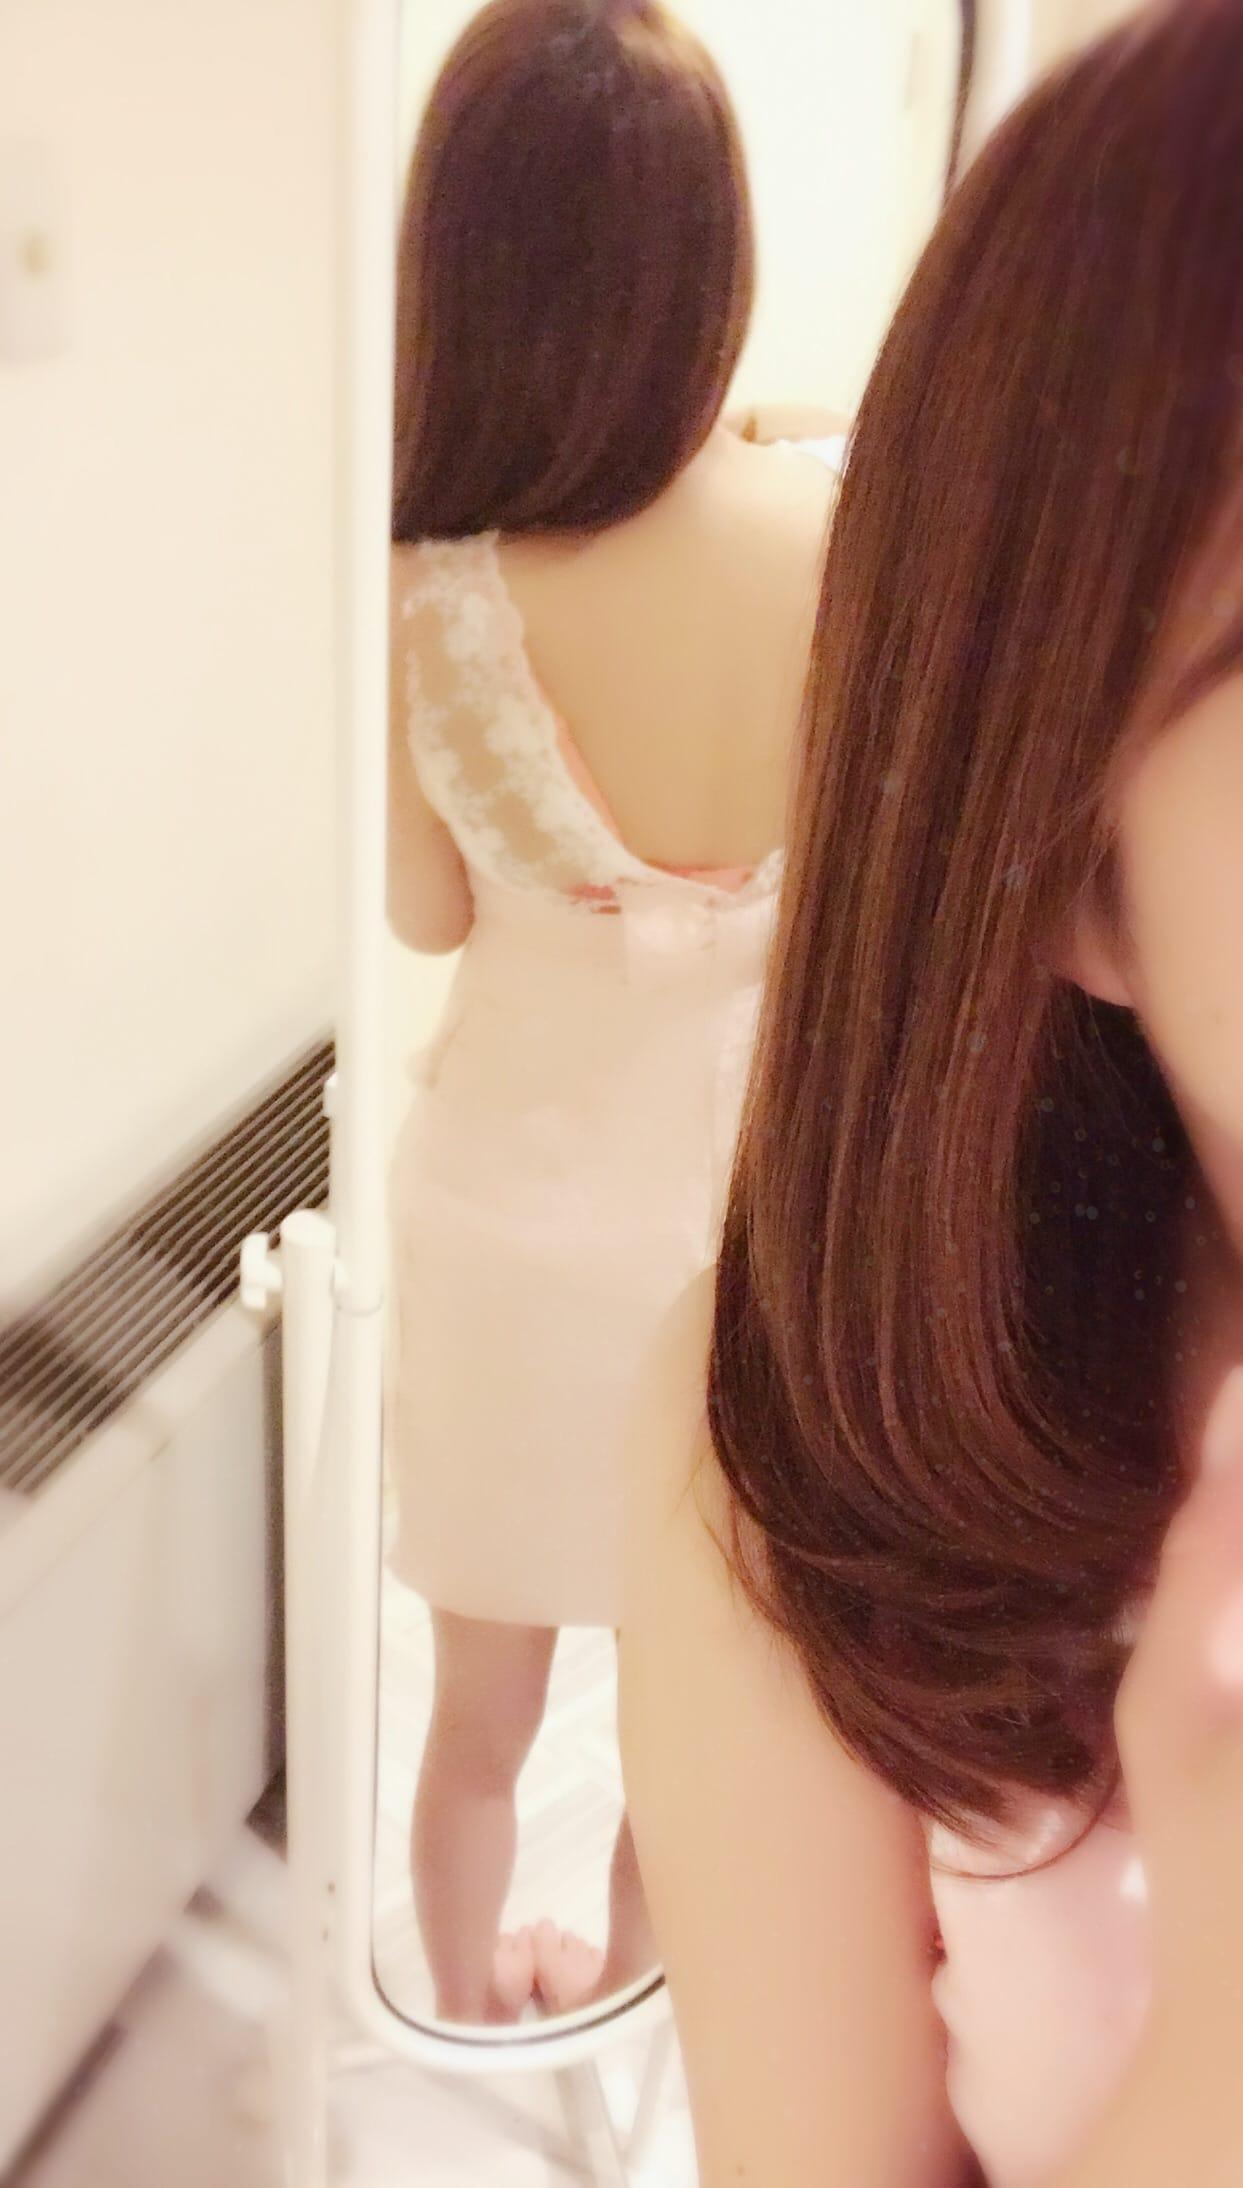 玉玲「Twitter.* .*.」01/17(水) 00:22   玉玲の写メ・風俗動画